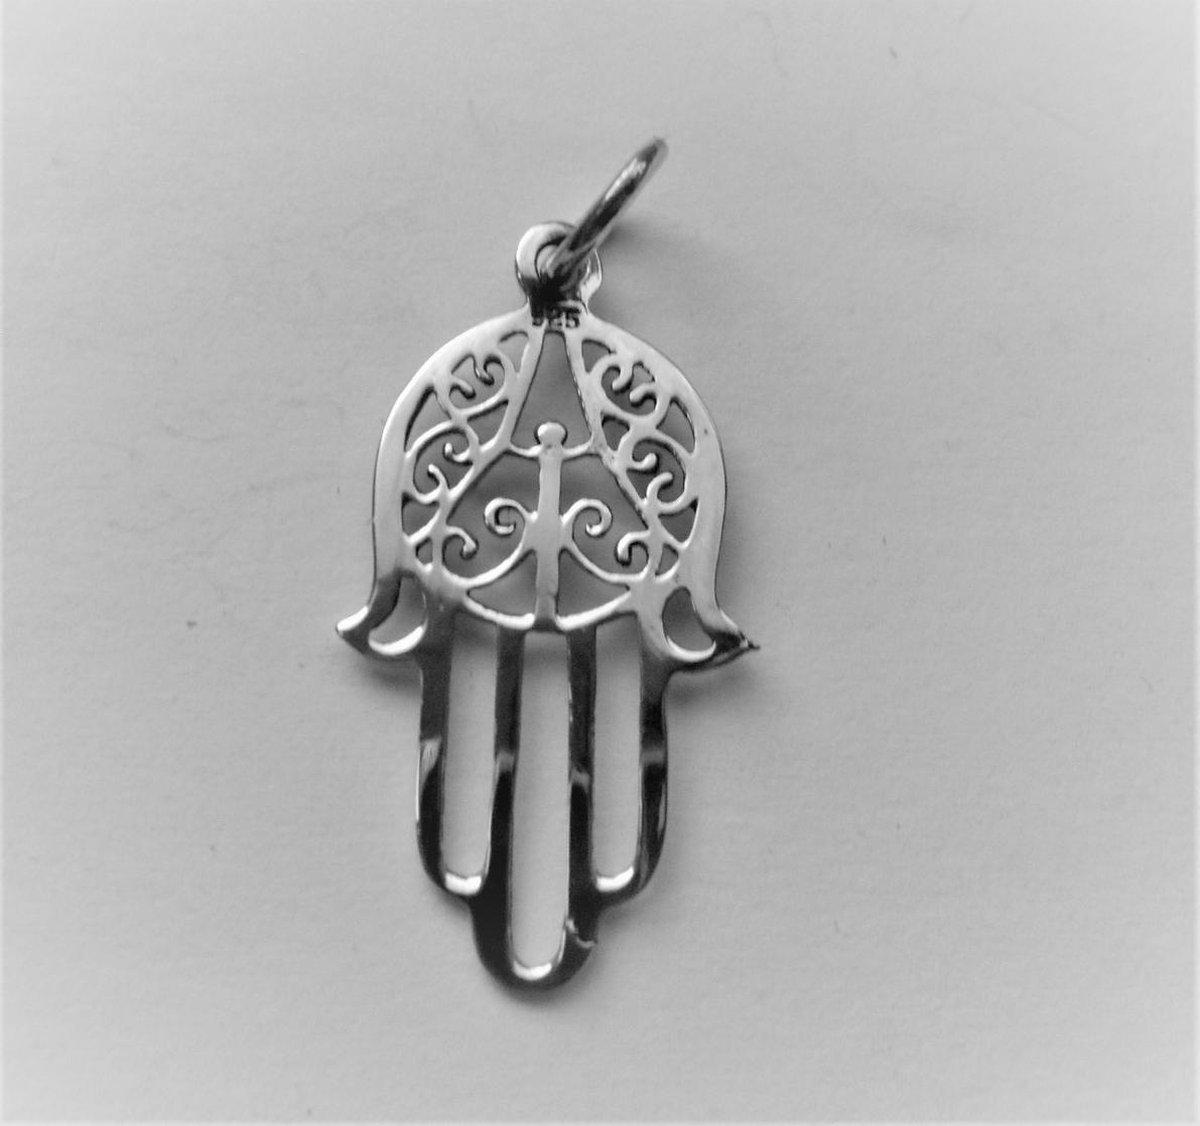 Zilveren hanger van Handje Fatima - Power of symbols